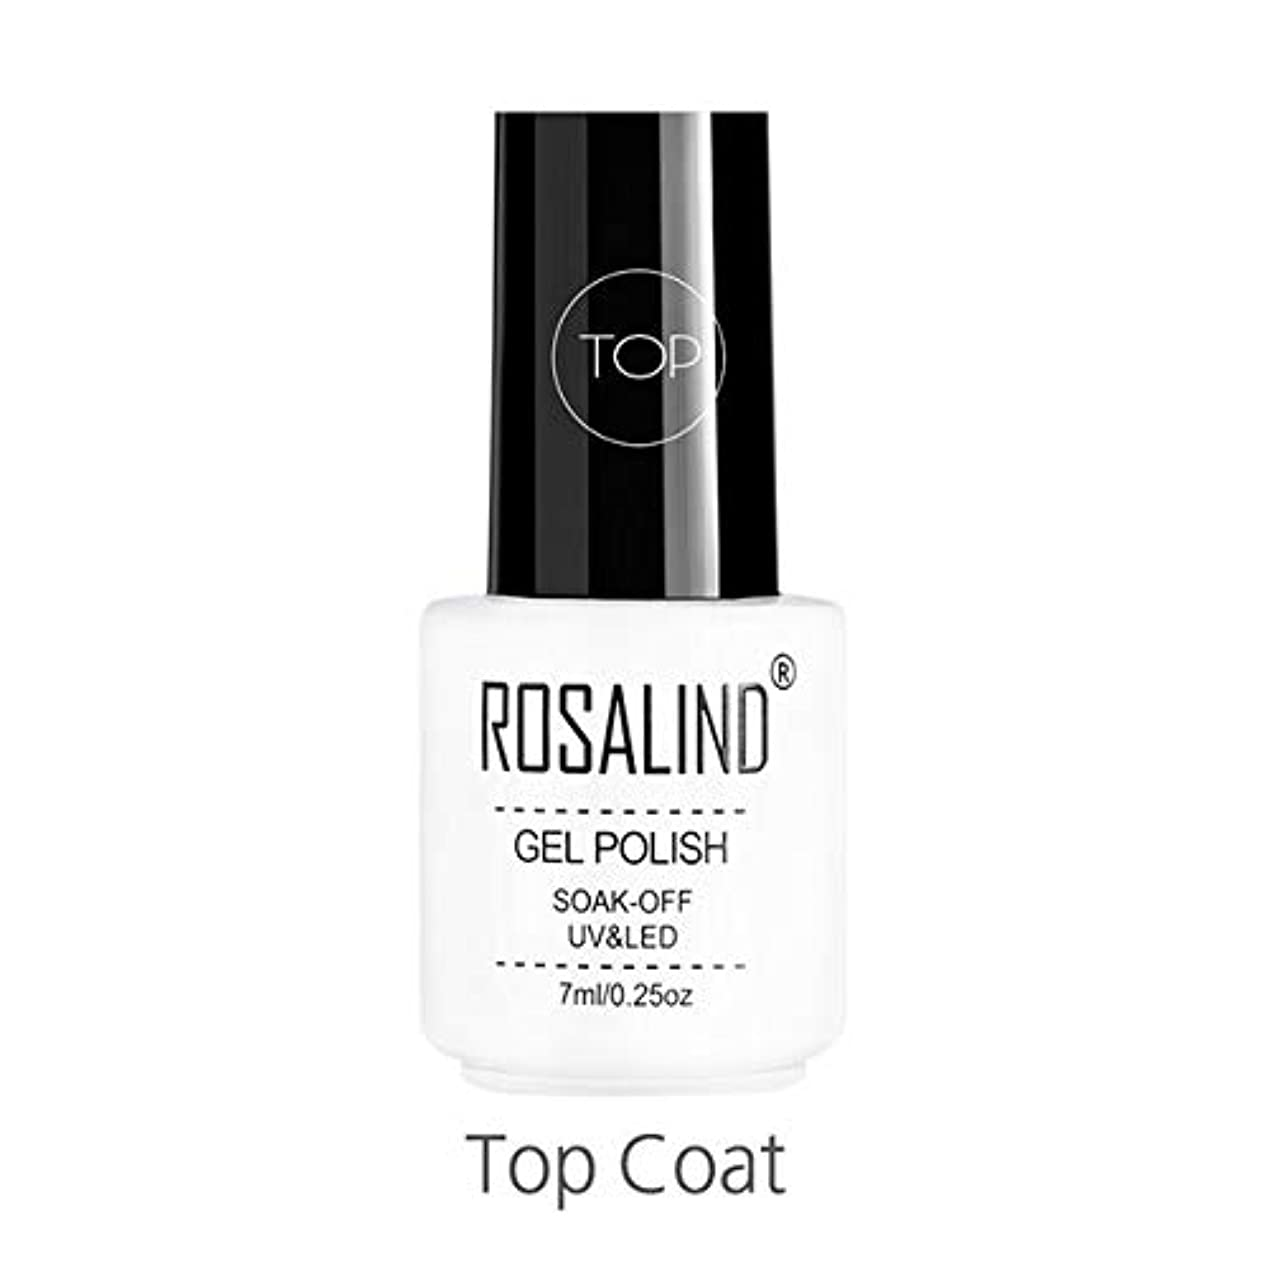 ファッションアイテム ROSALINDジェルポリッシュセットUV半永久プライマートップコートポリジェルニスネイルアートマニキュアジェル、容量:7mlトップネイルグルー 環境に優しいマニキュア